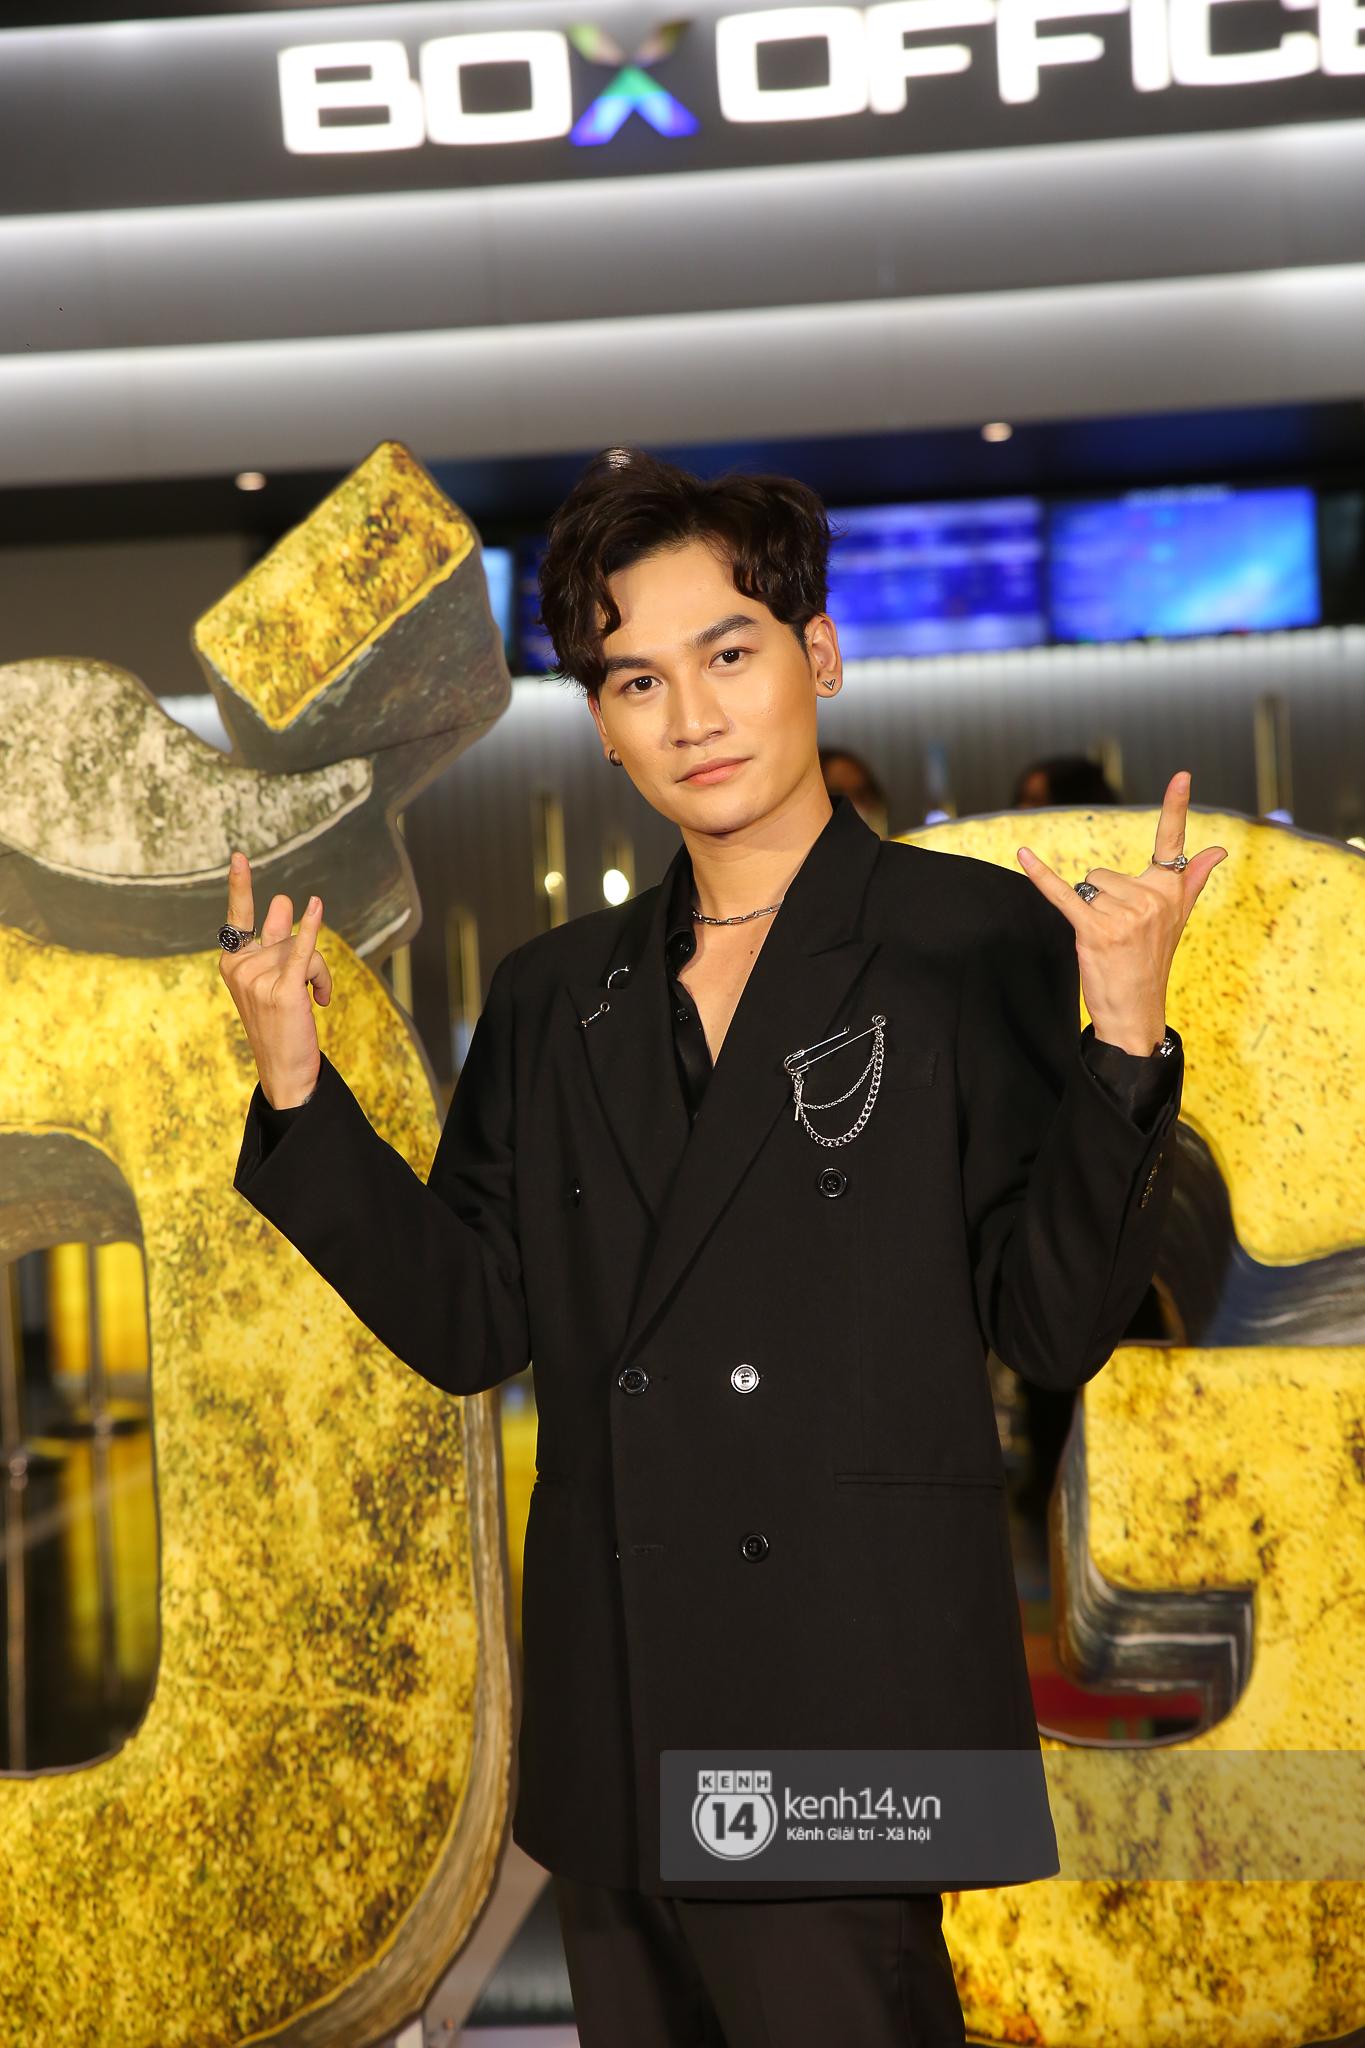 Cặp đôi nhà Đông Nhi, Lệ Quyên thi nhau show ân ái không kém cạnh Trấn Thành - Hariwon ở siêu thảm đỏ Bố Già - Ảnh 35.